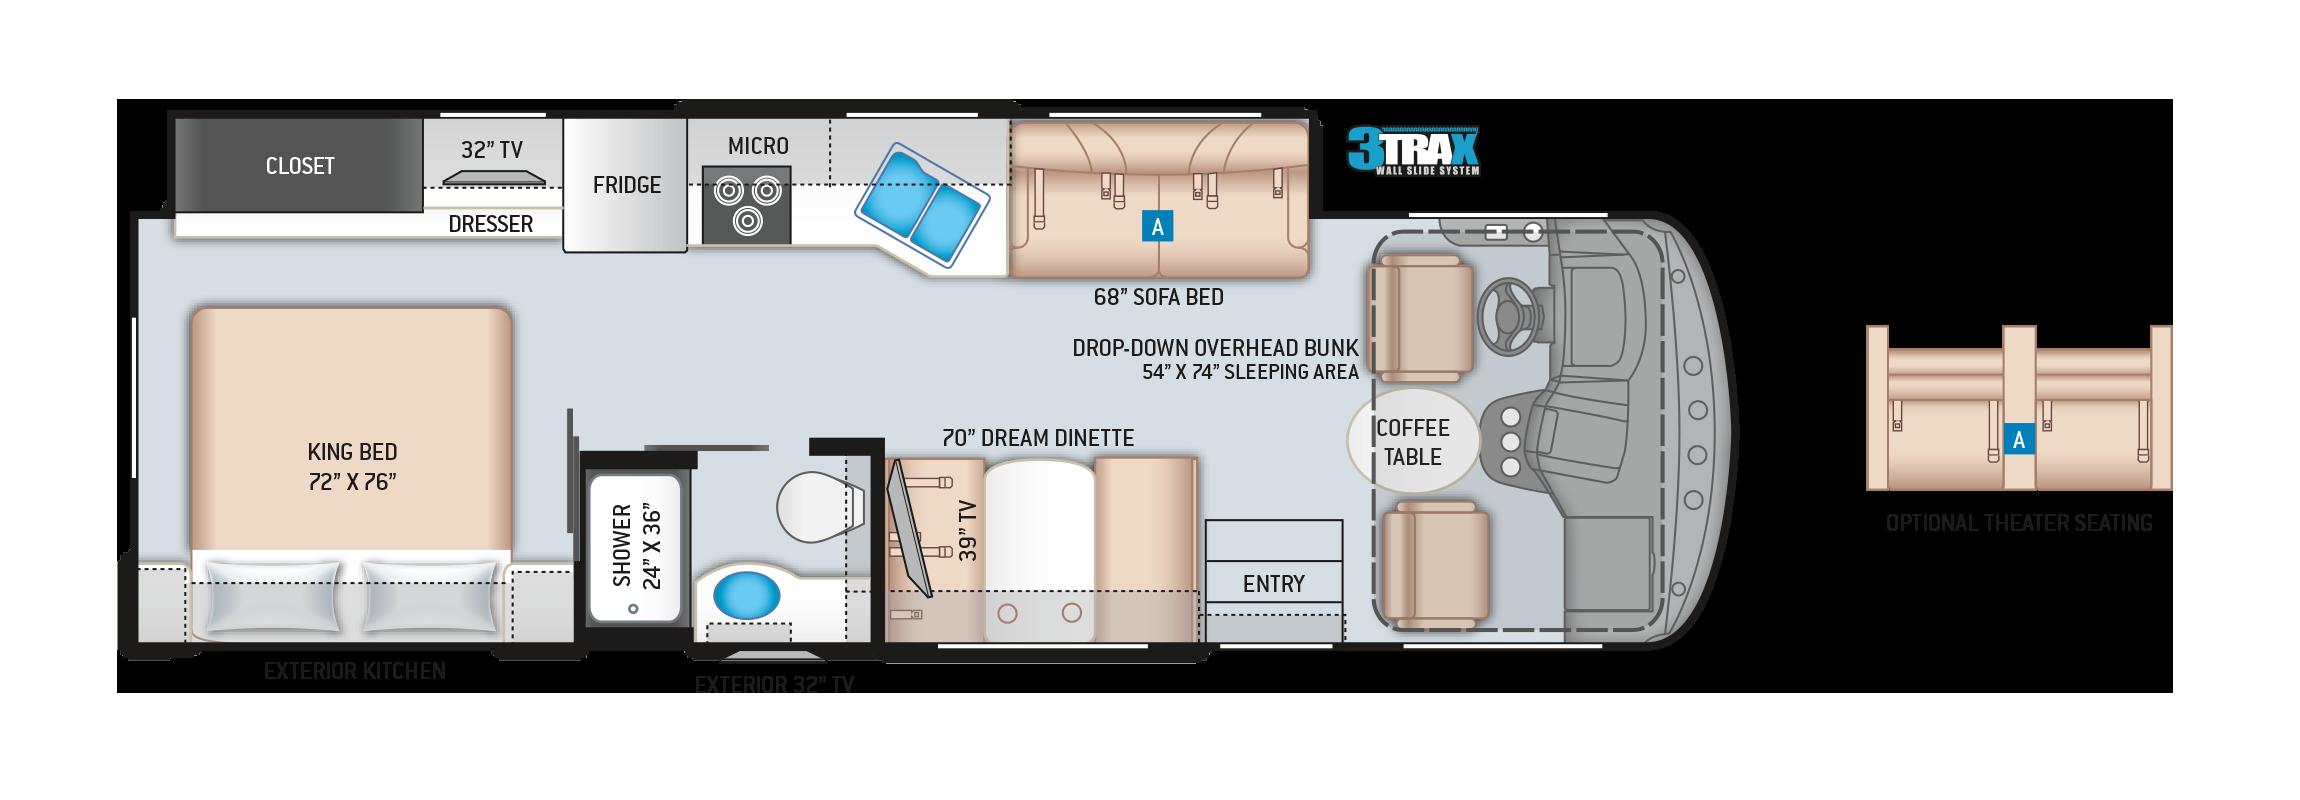 Windsport Class A Motorhome 29M Floor Plan